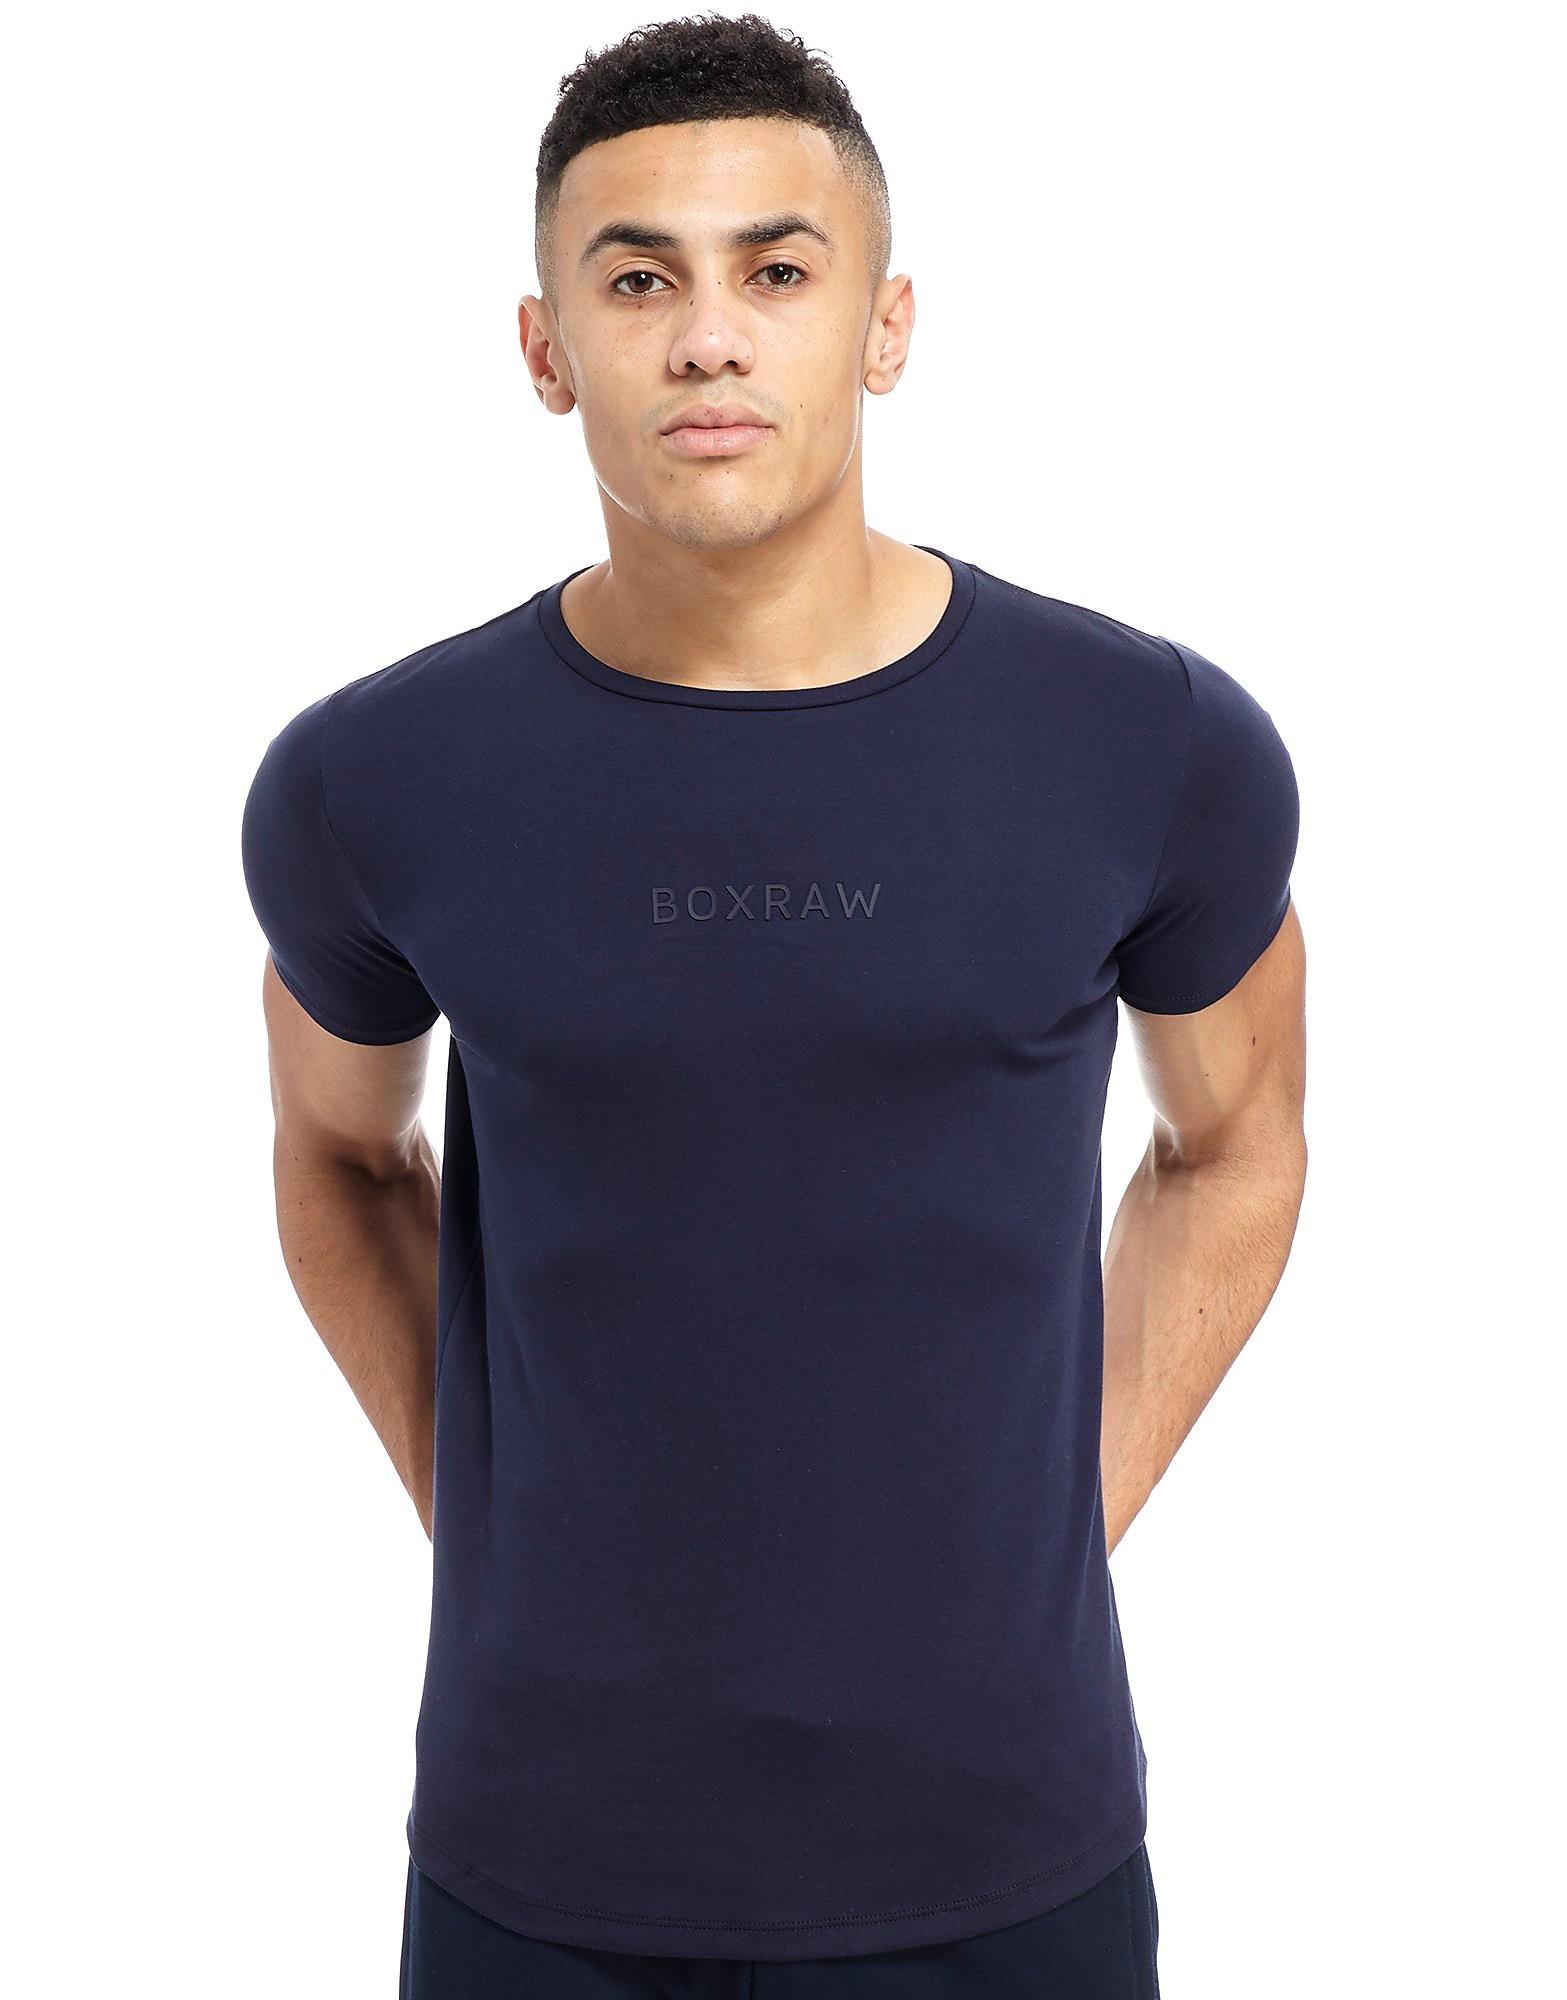 BOXRAW Pima Cotton T-Shirt Heren - Blauw - Heren